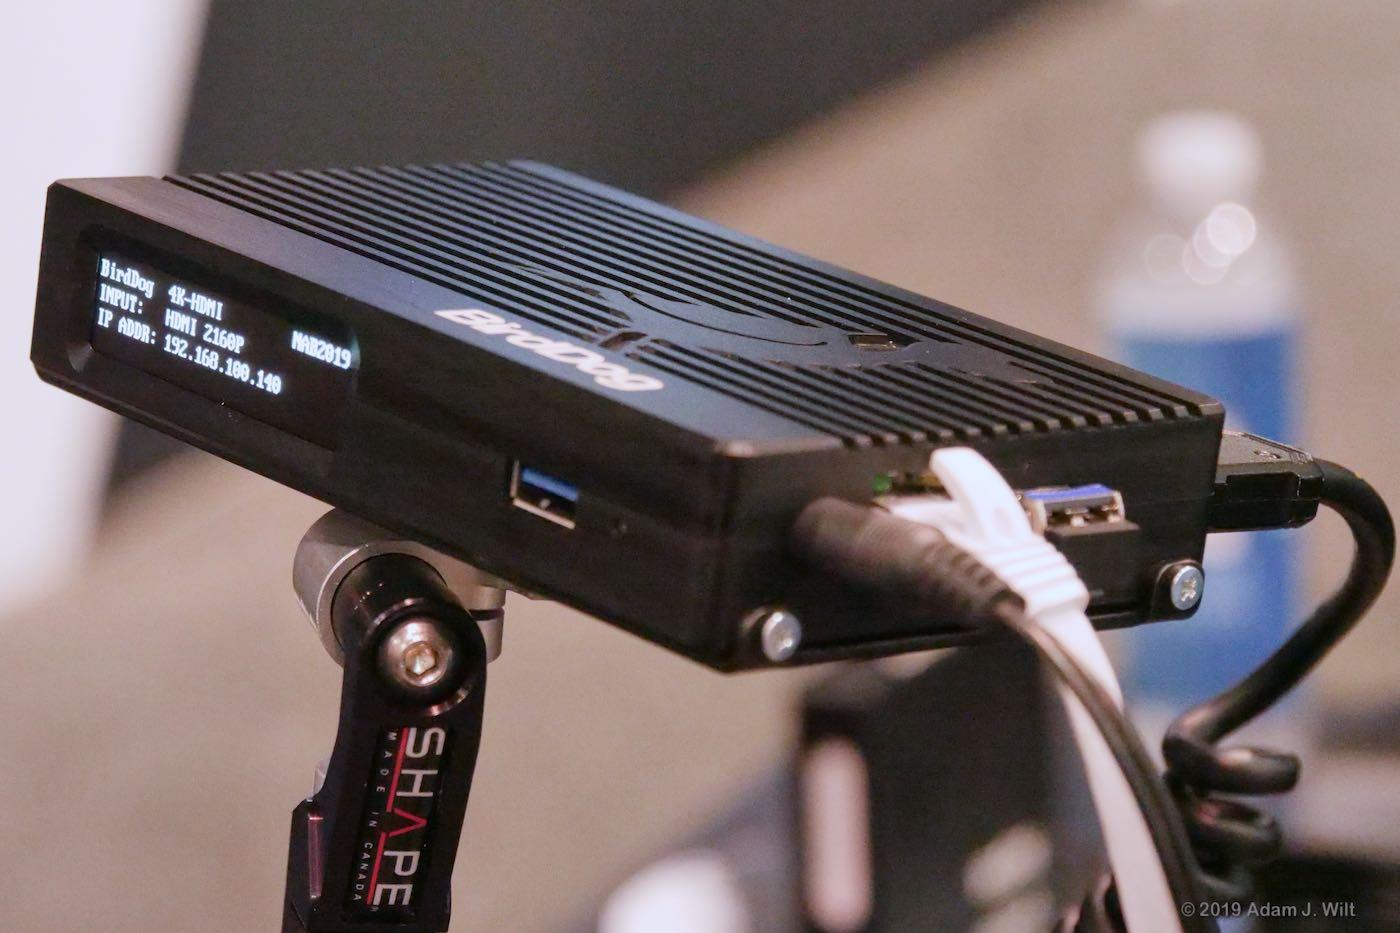 A single-channel box turns one baseband source into an NDI source.